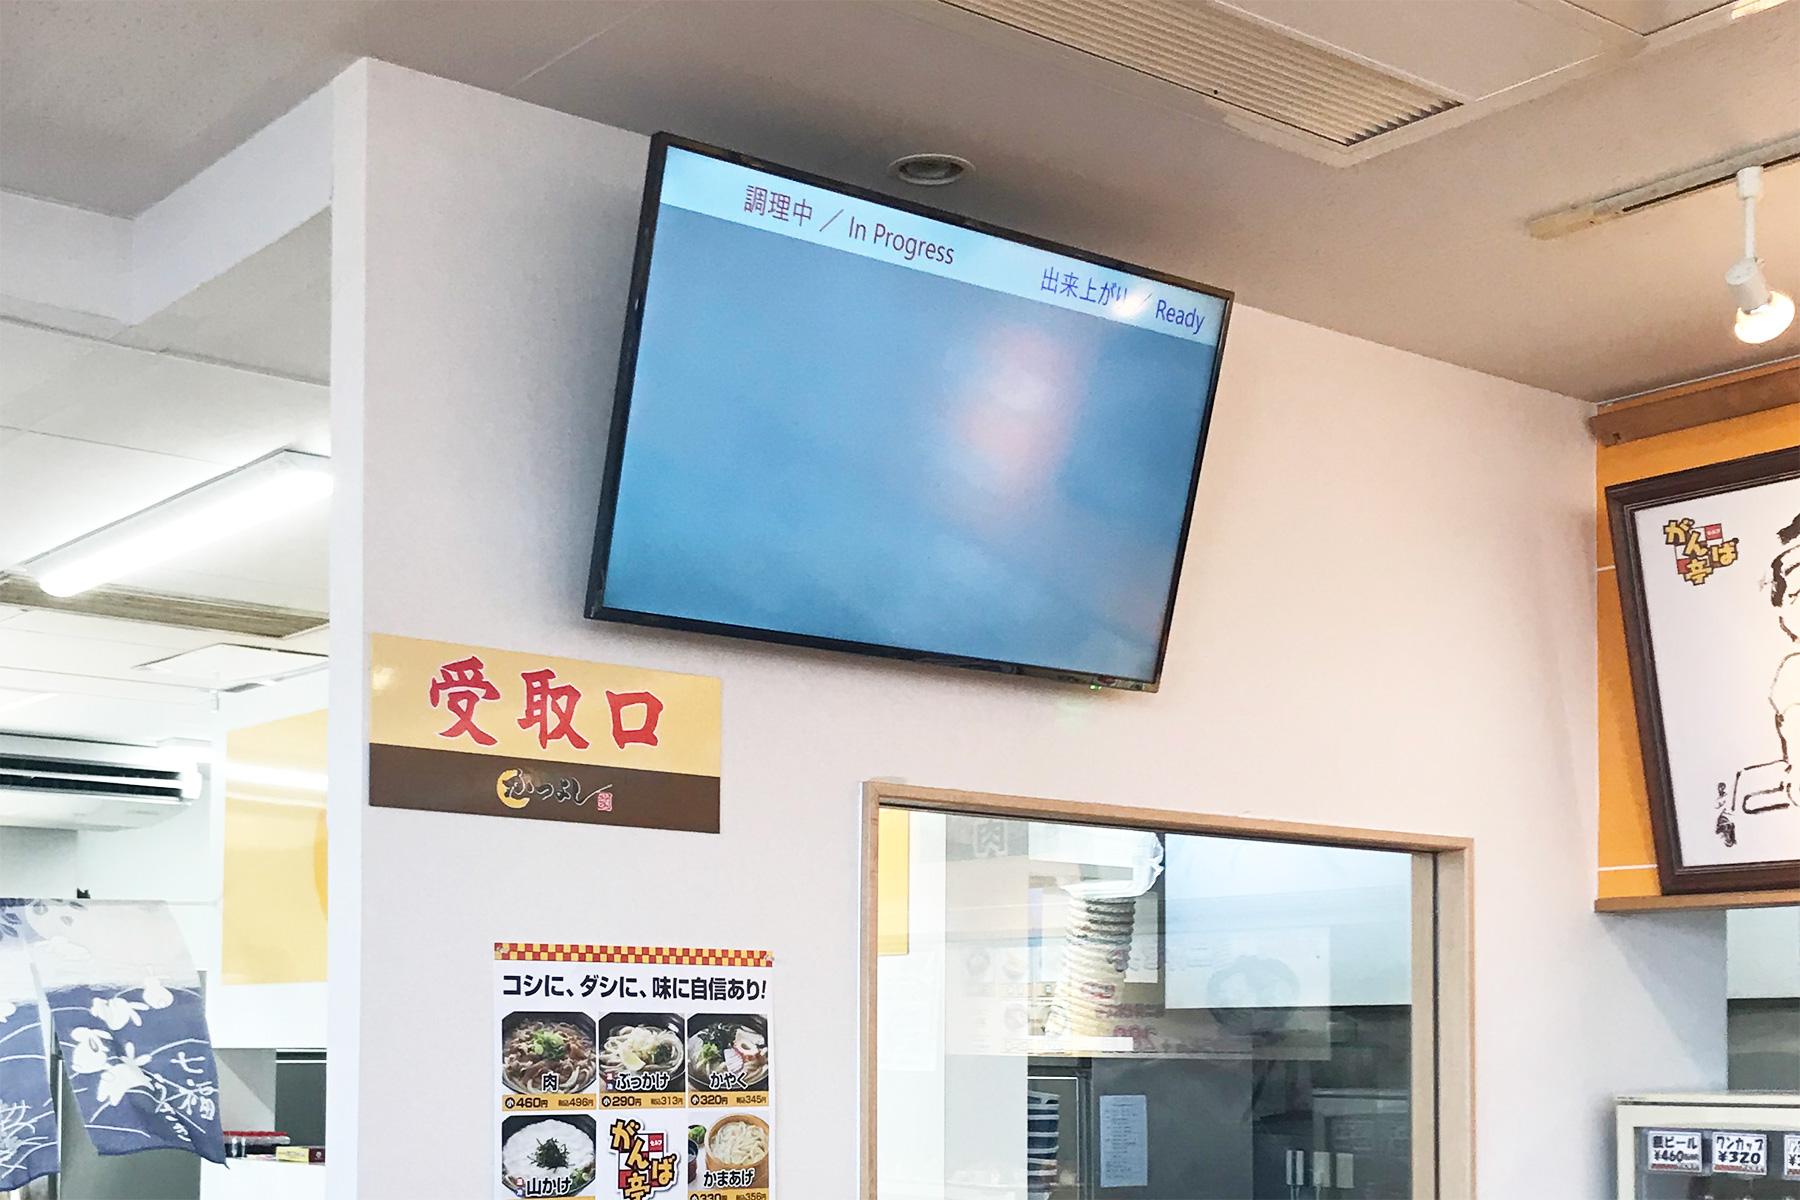 がんば亭三島店 モニター